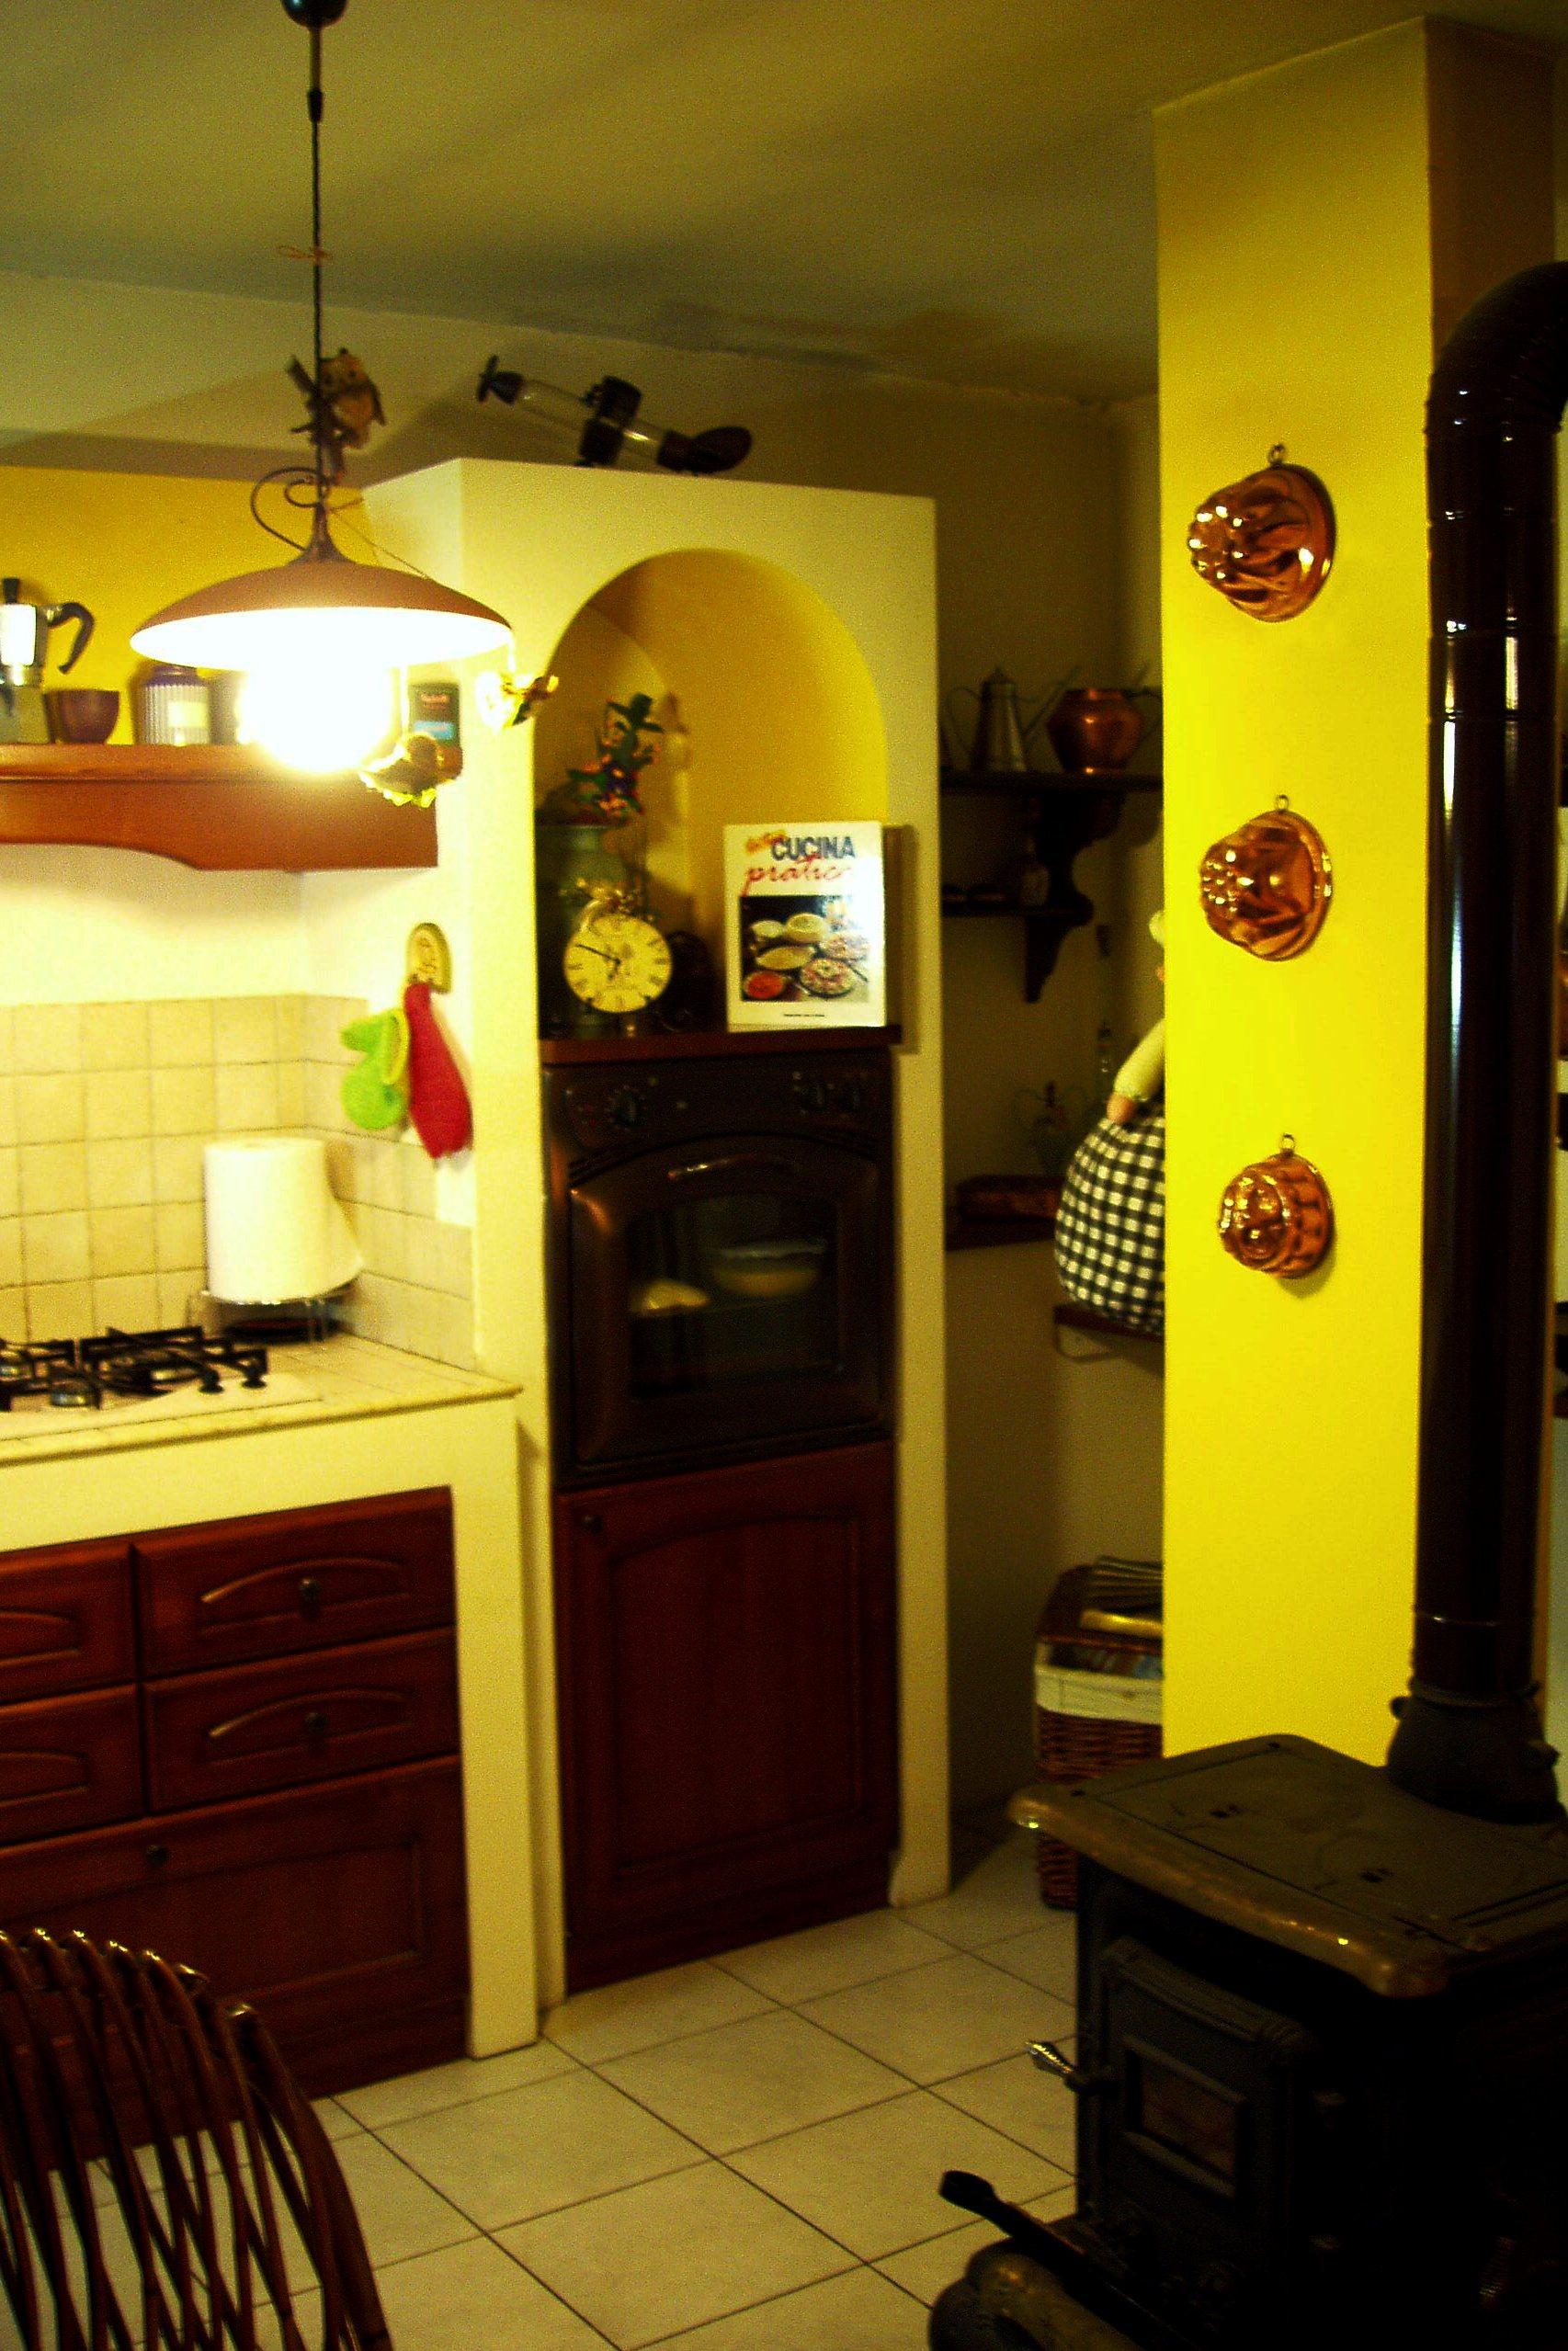 Rustica cucina in muratura aifaicasa for Cucina in muratura rustica